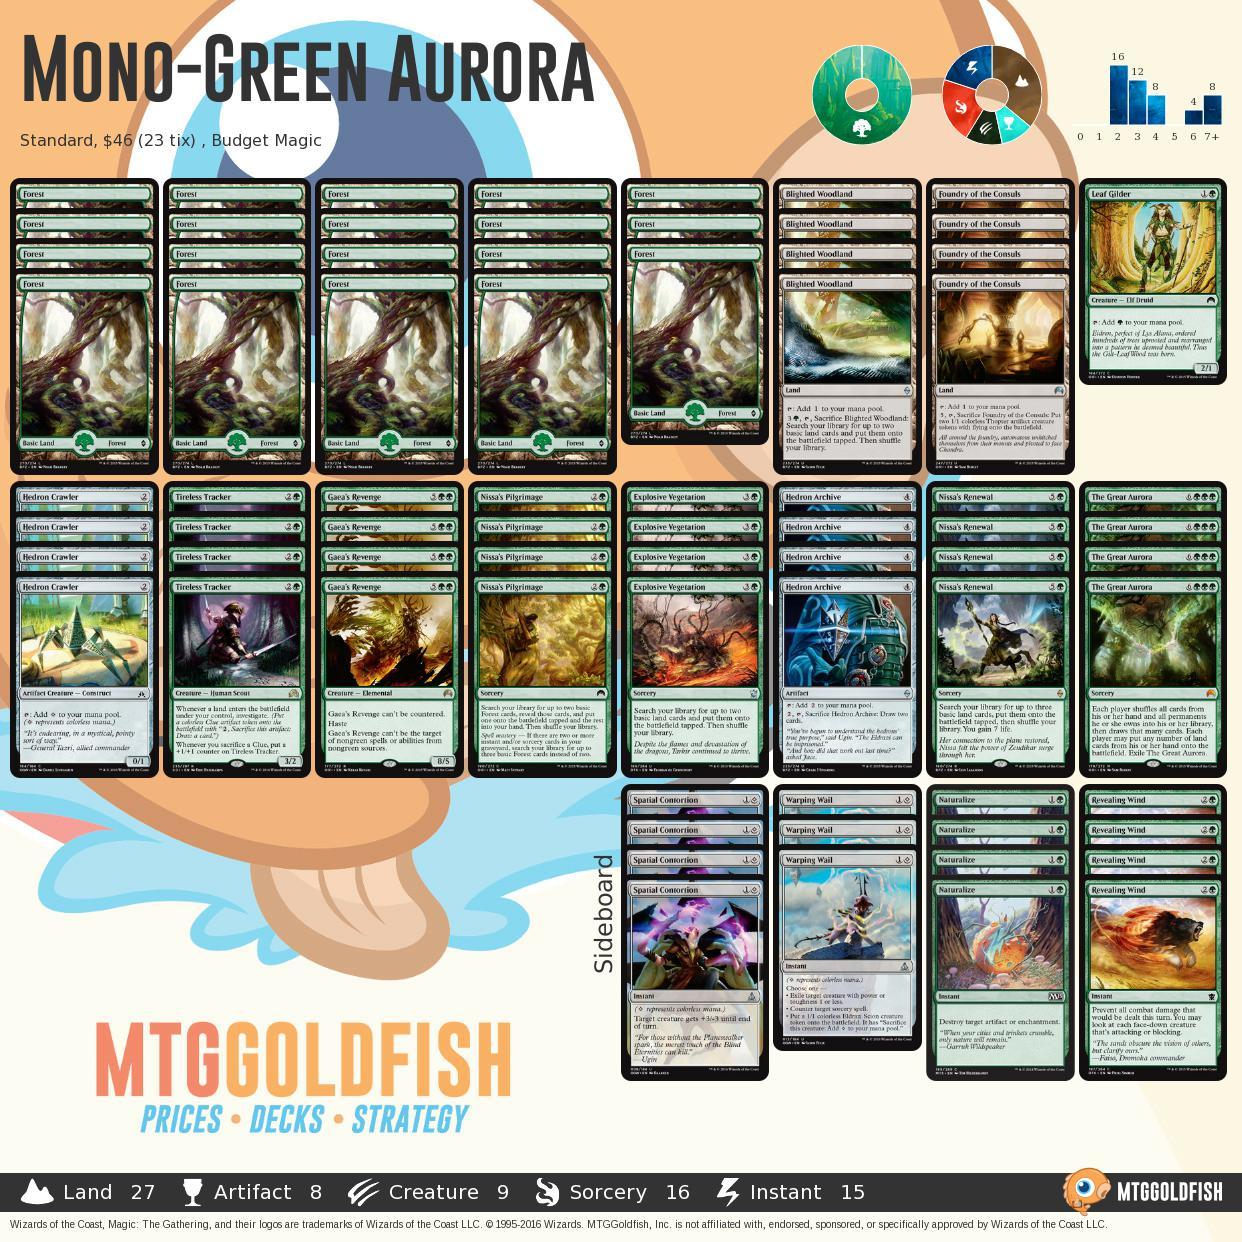 Monogreenaurora